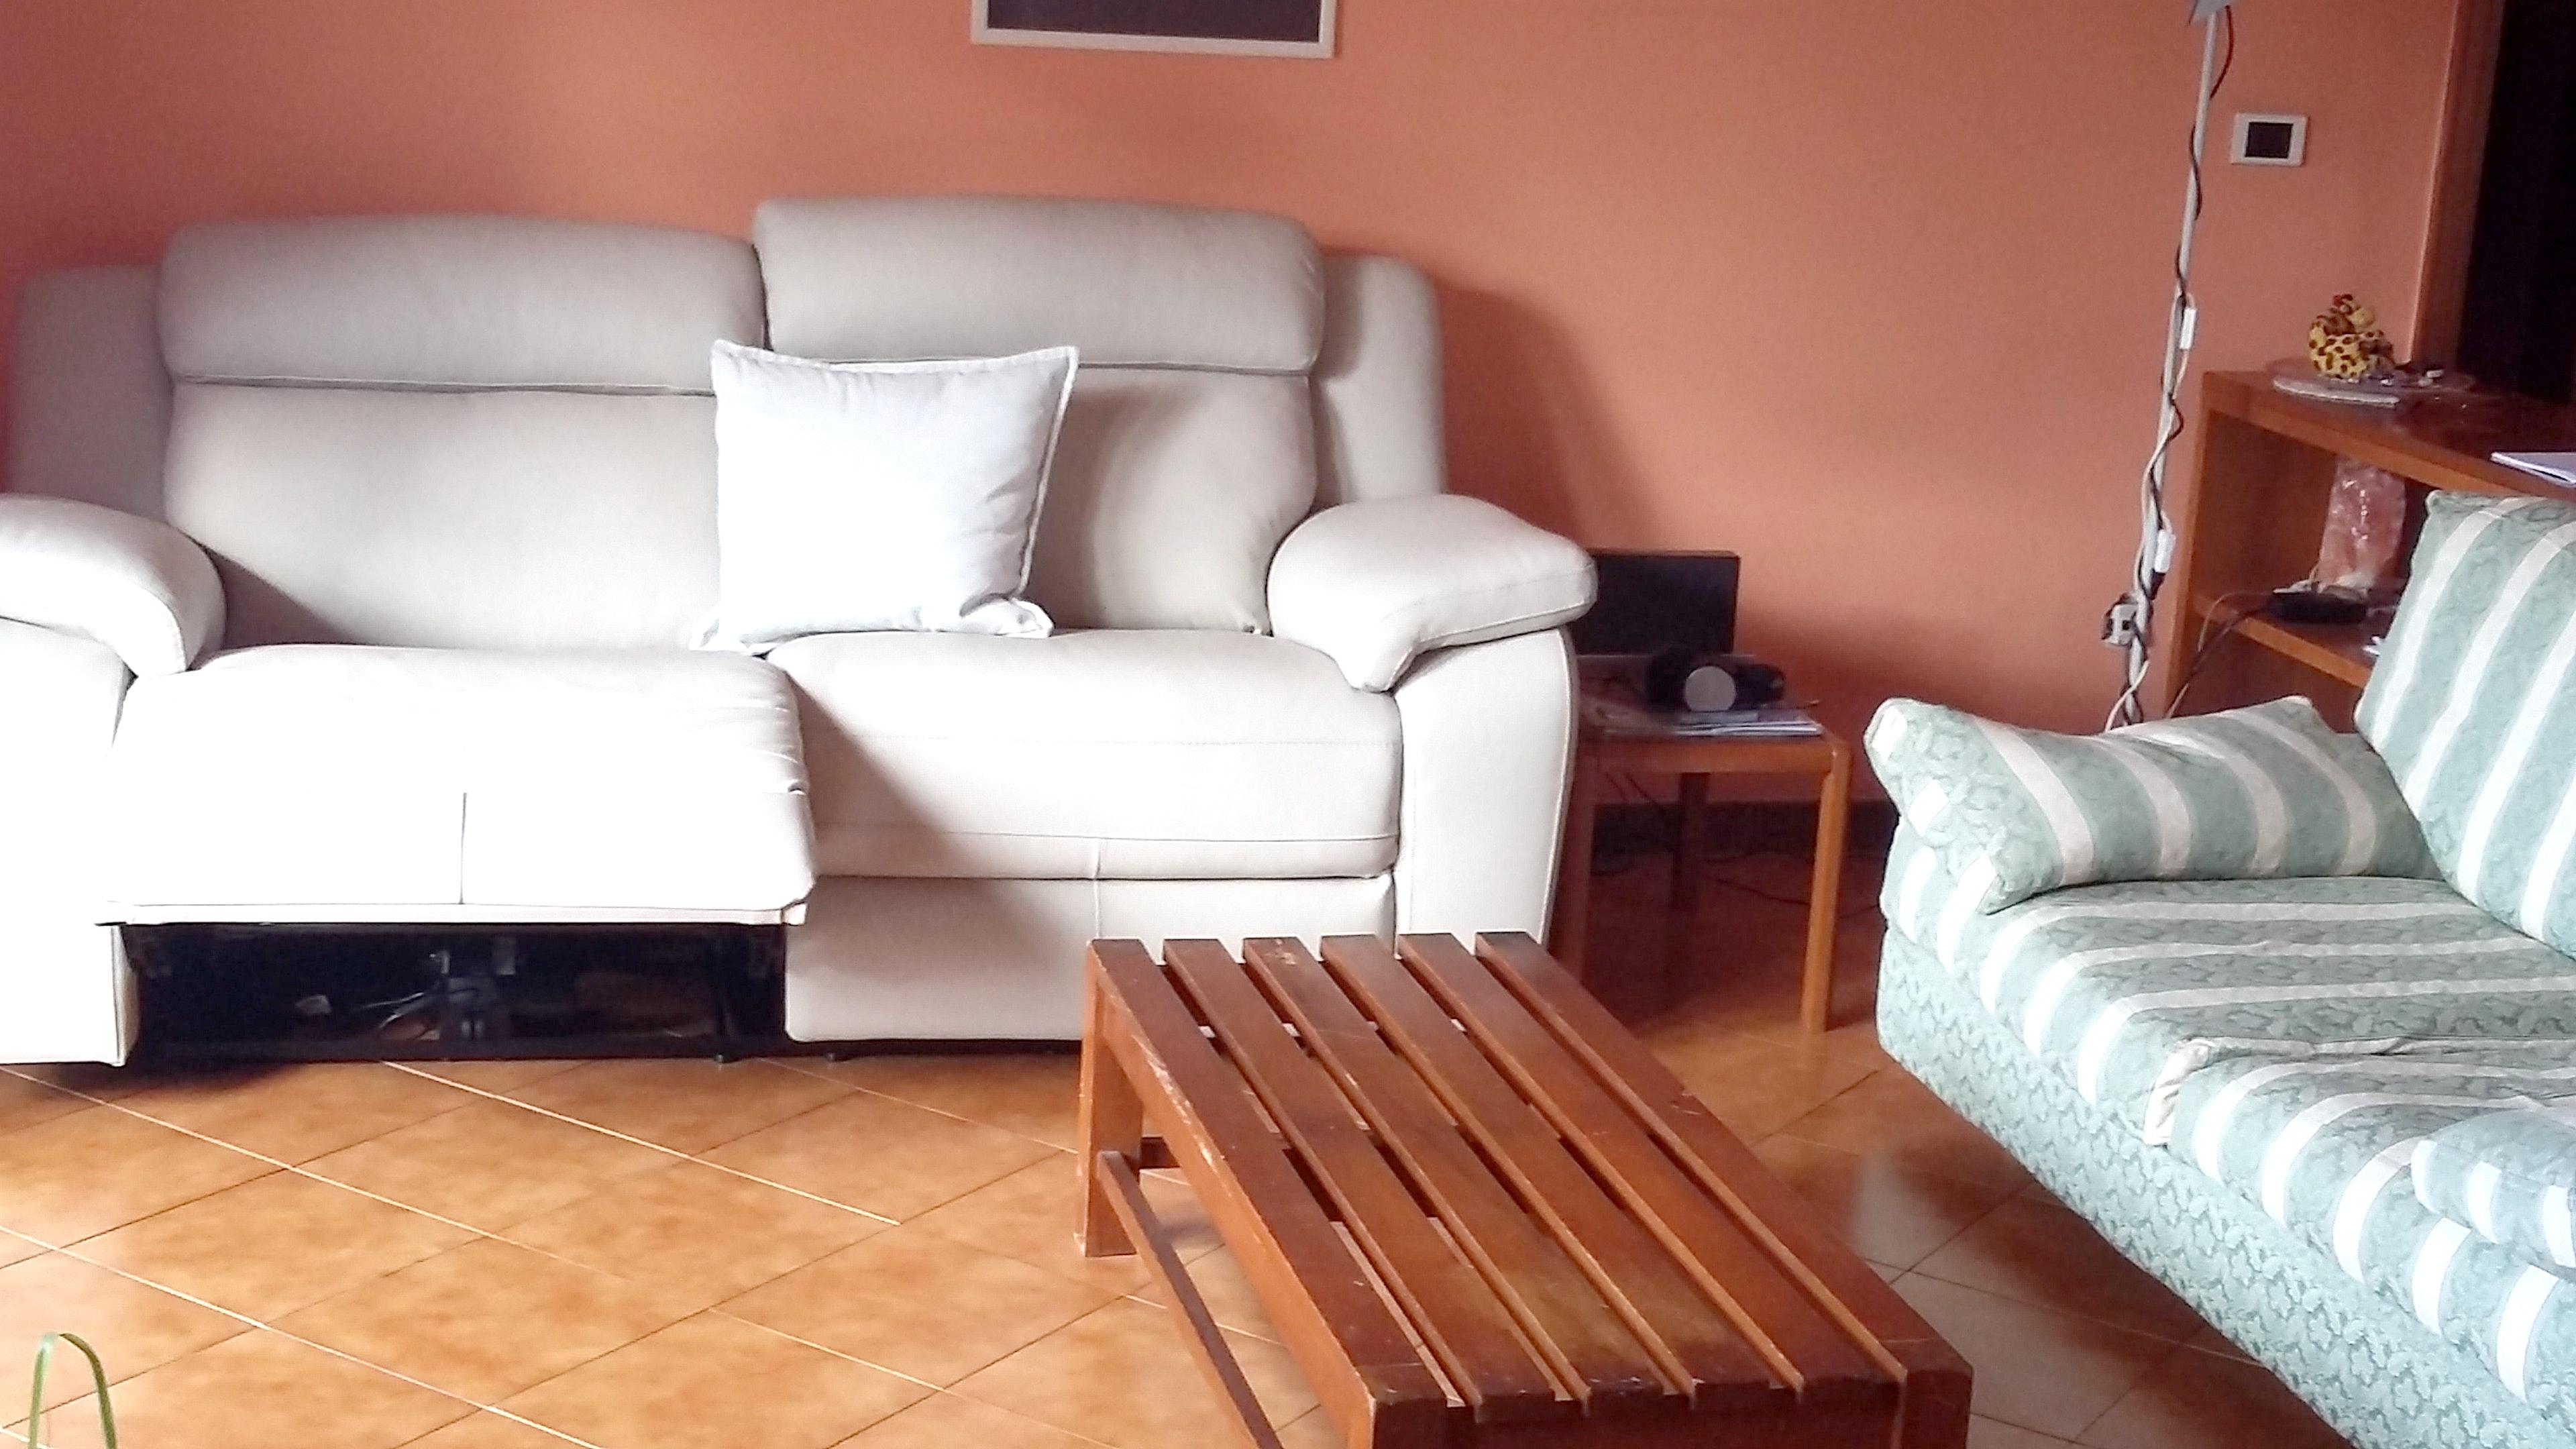 Ferienwohnung Wohnung mit 3 Schlafzimmern in Angri mit schöner Aussicht auf die Stadt und möbliertem Bal (2557376), Angri, Salerno, Kampanien, Italien, Bild 1